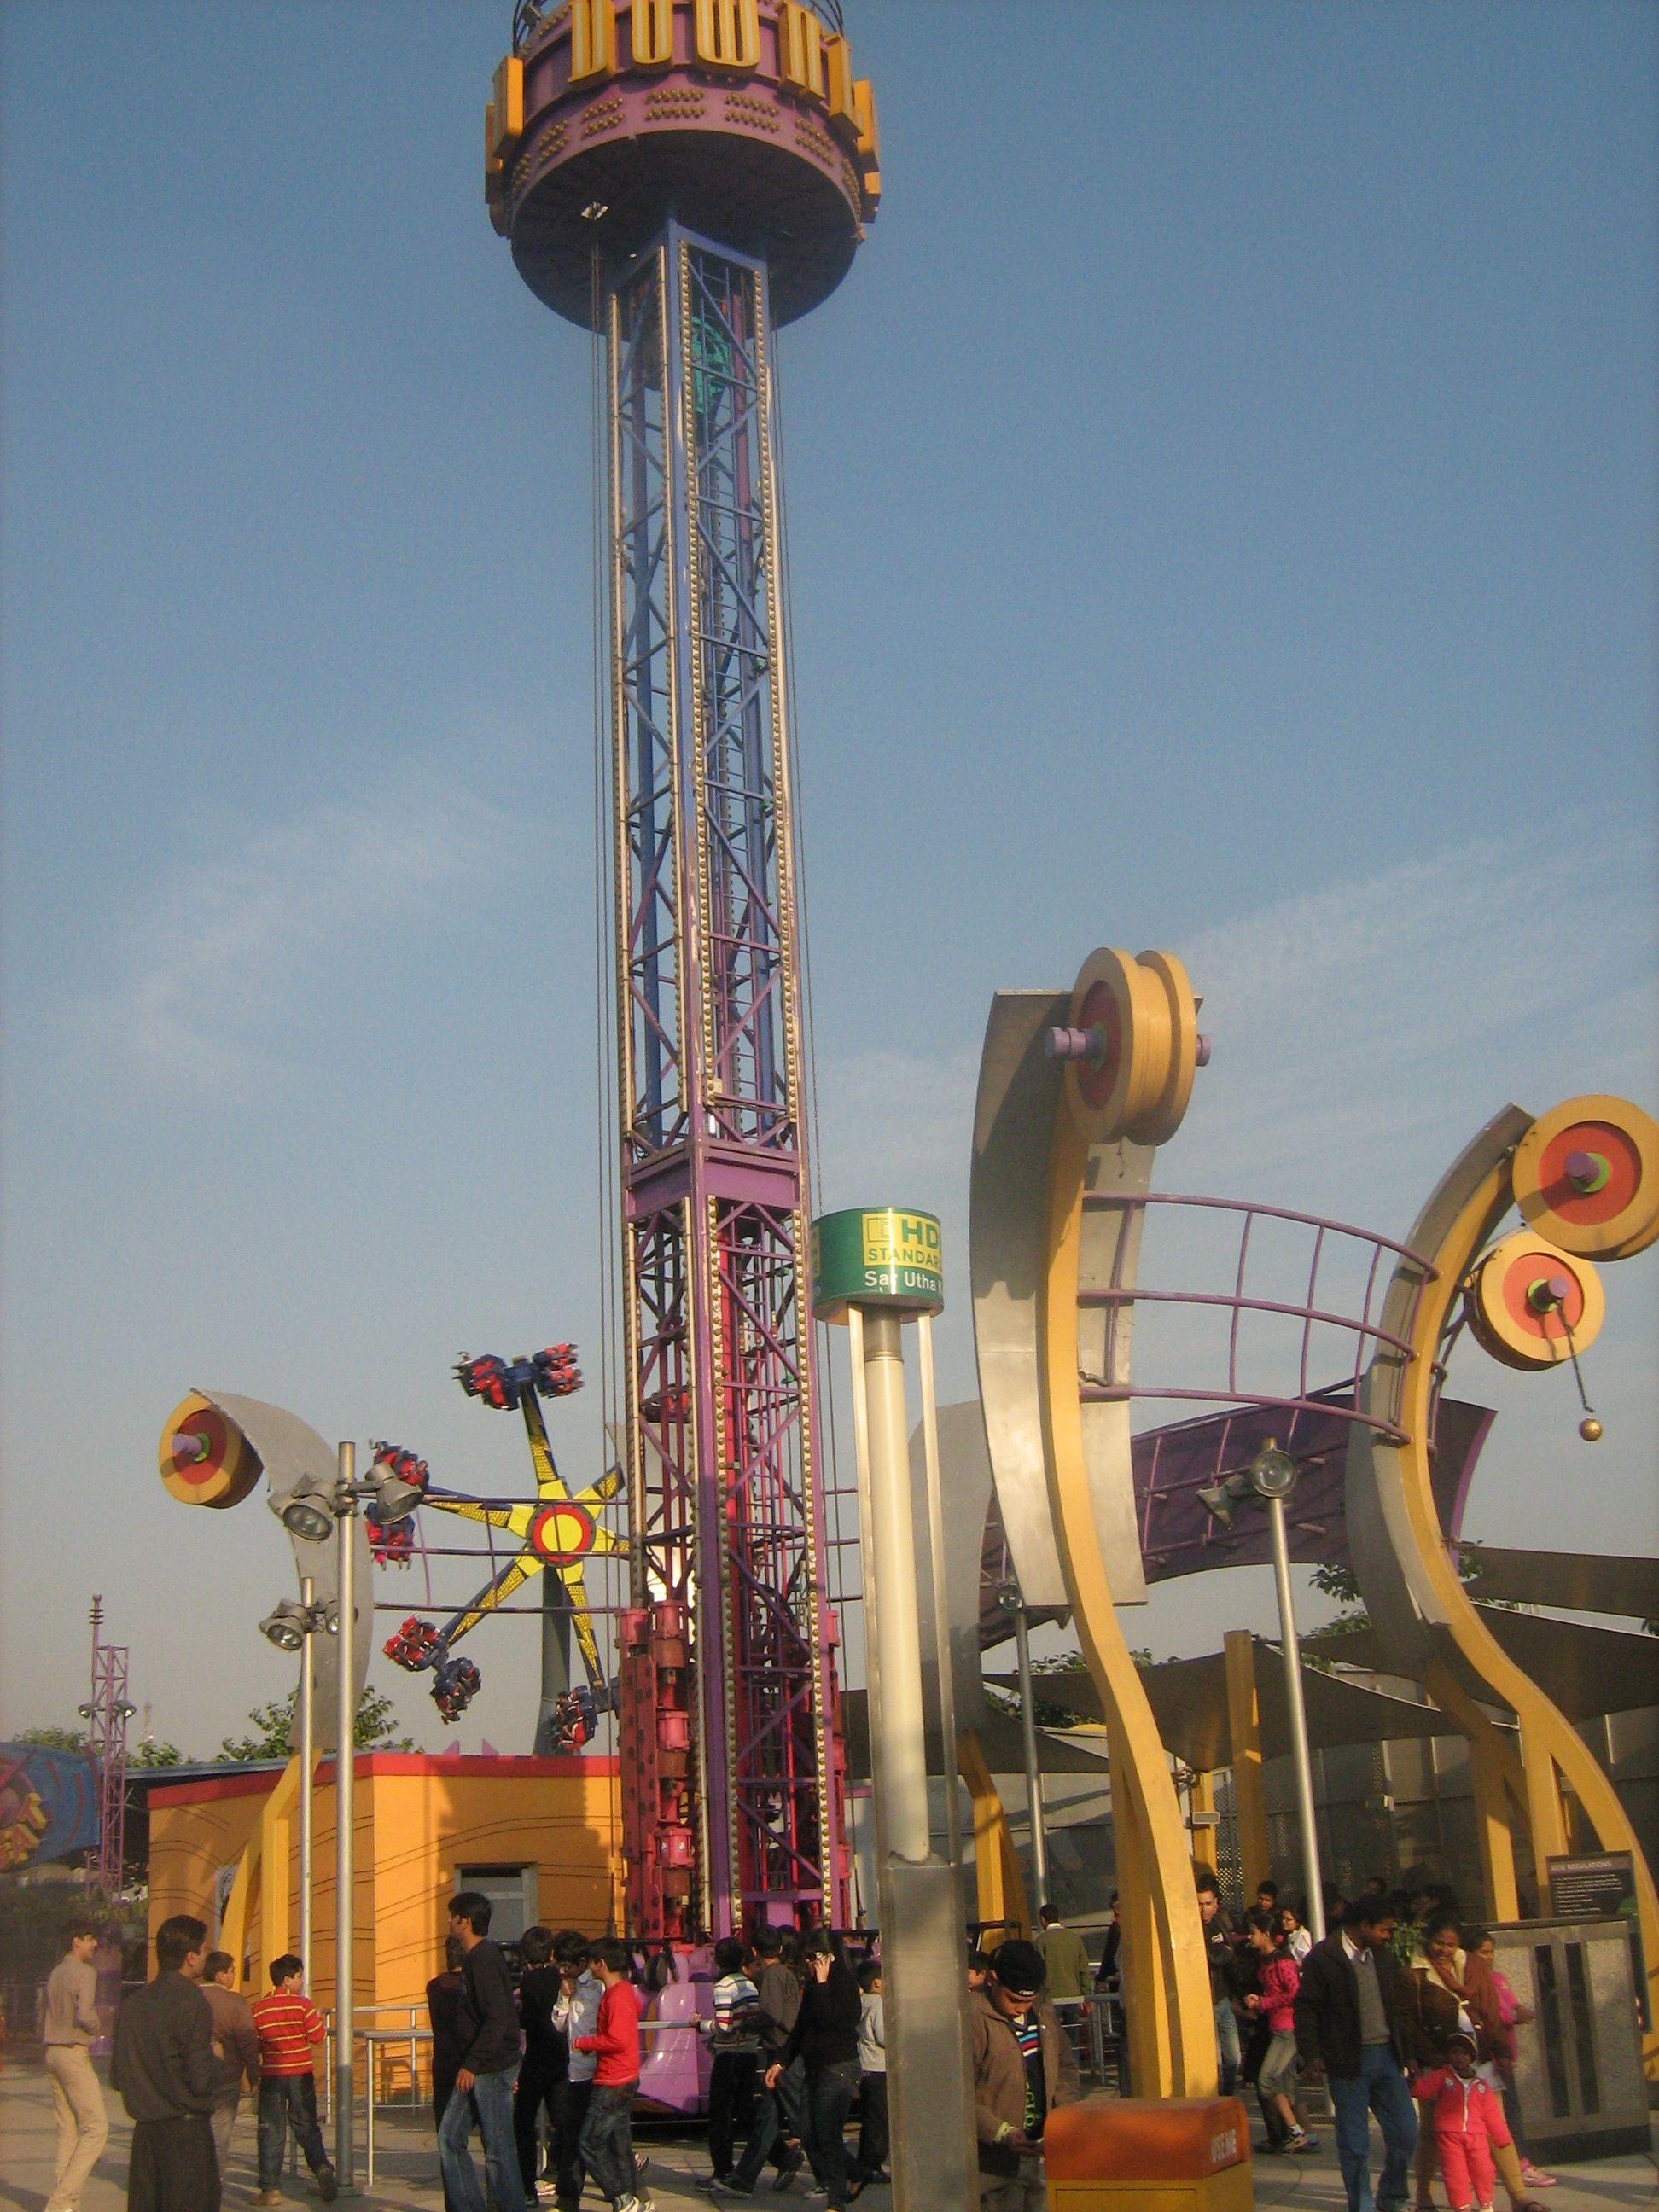 Best Amusement Park in Noida Worlds of Wonder Noida